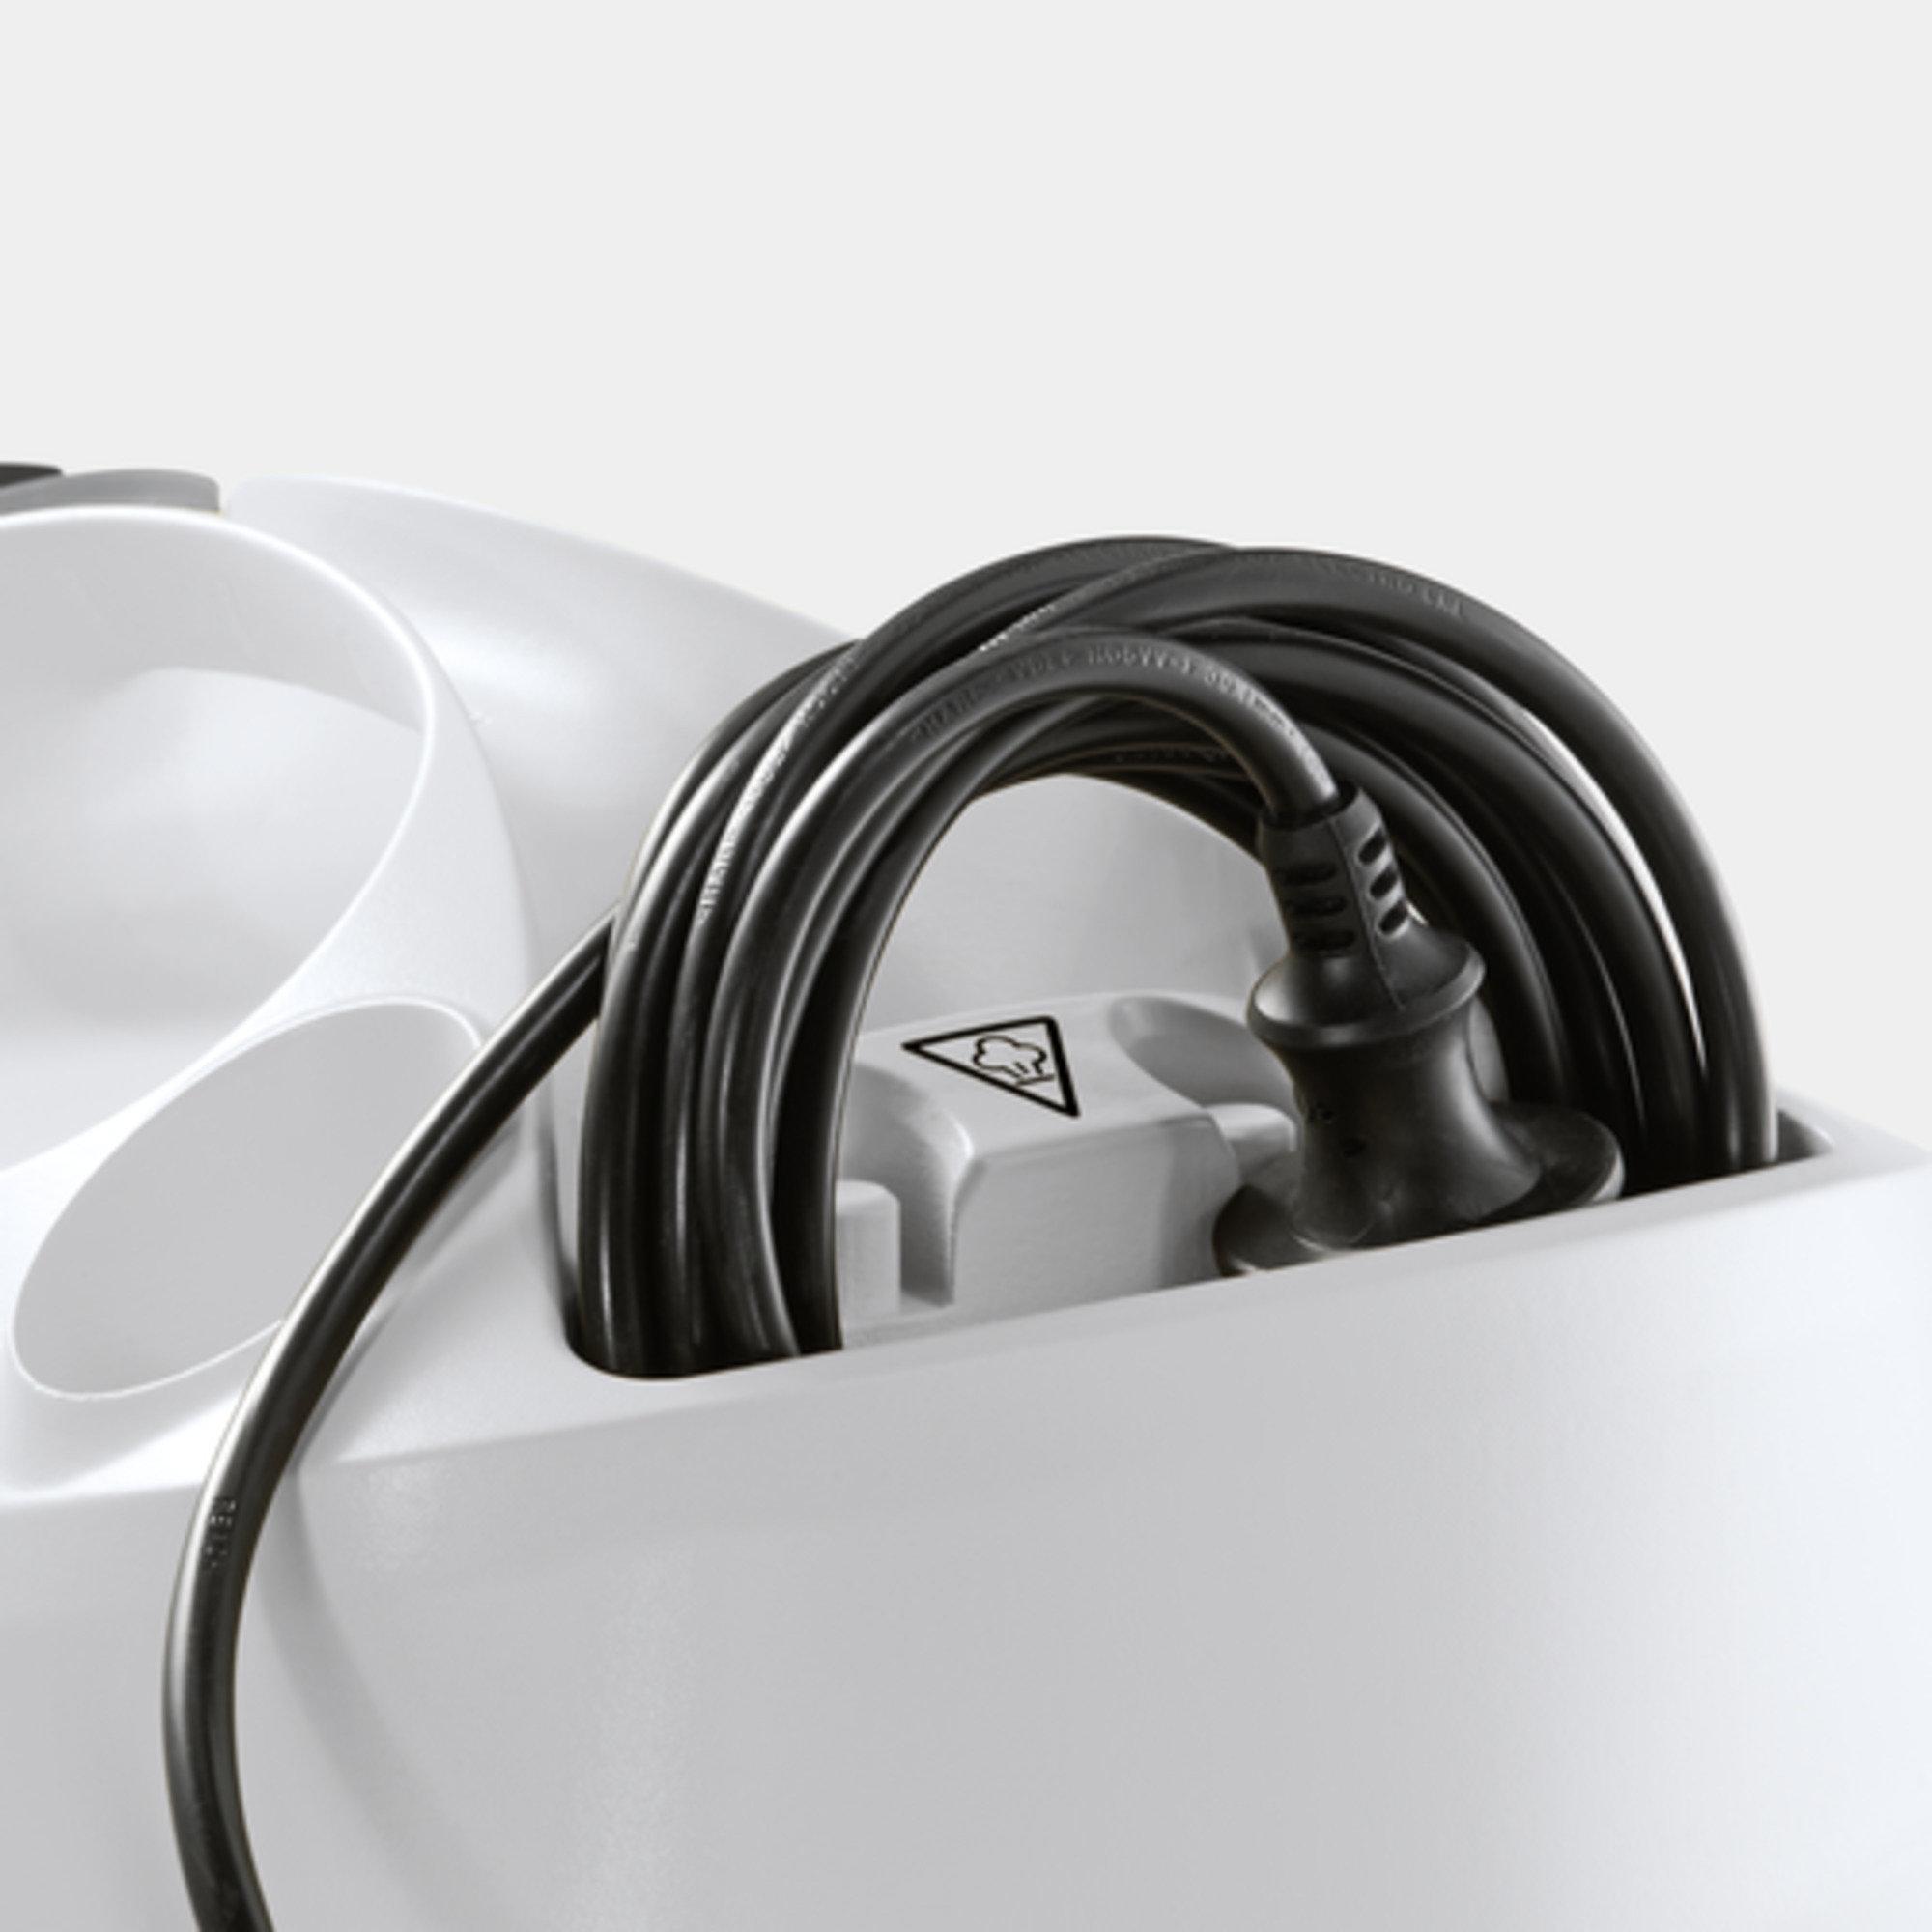 Aparat de curatat cu abur SC 4 EasyFix Premium: Compartiment integrat pentru depozitarea cablului